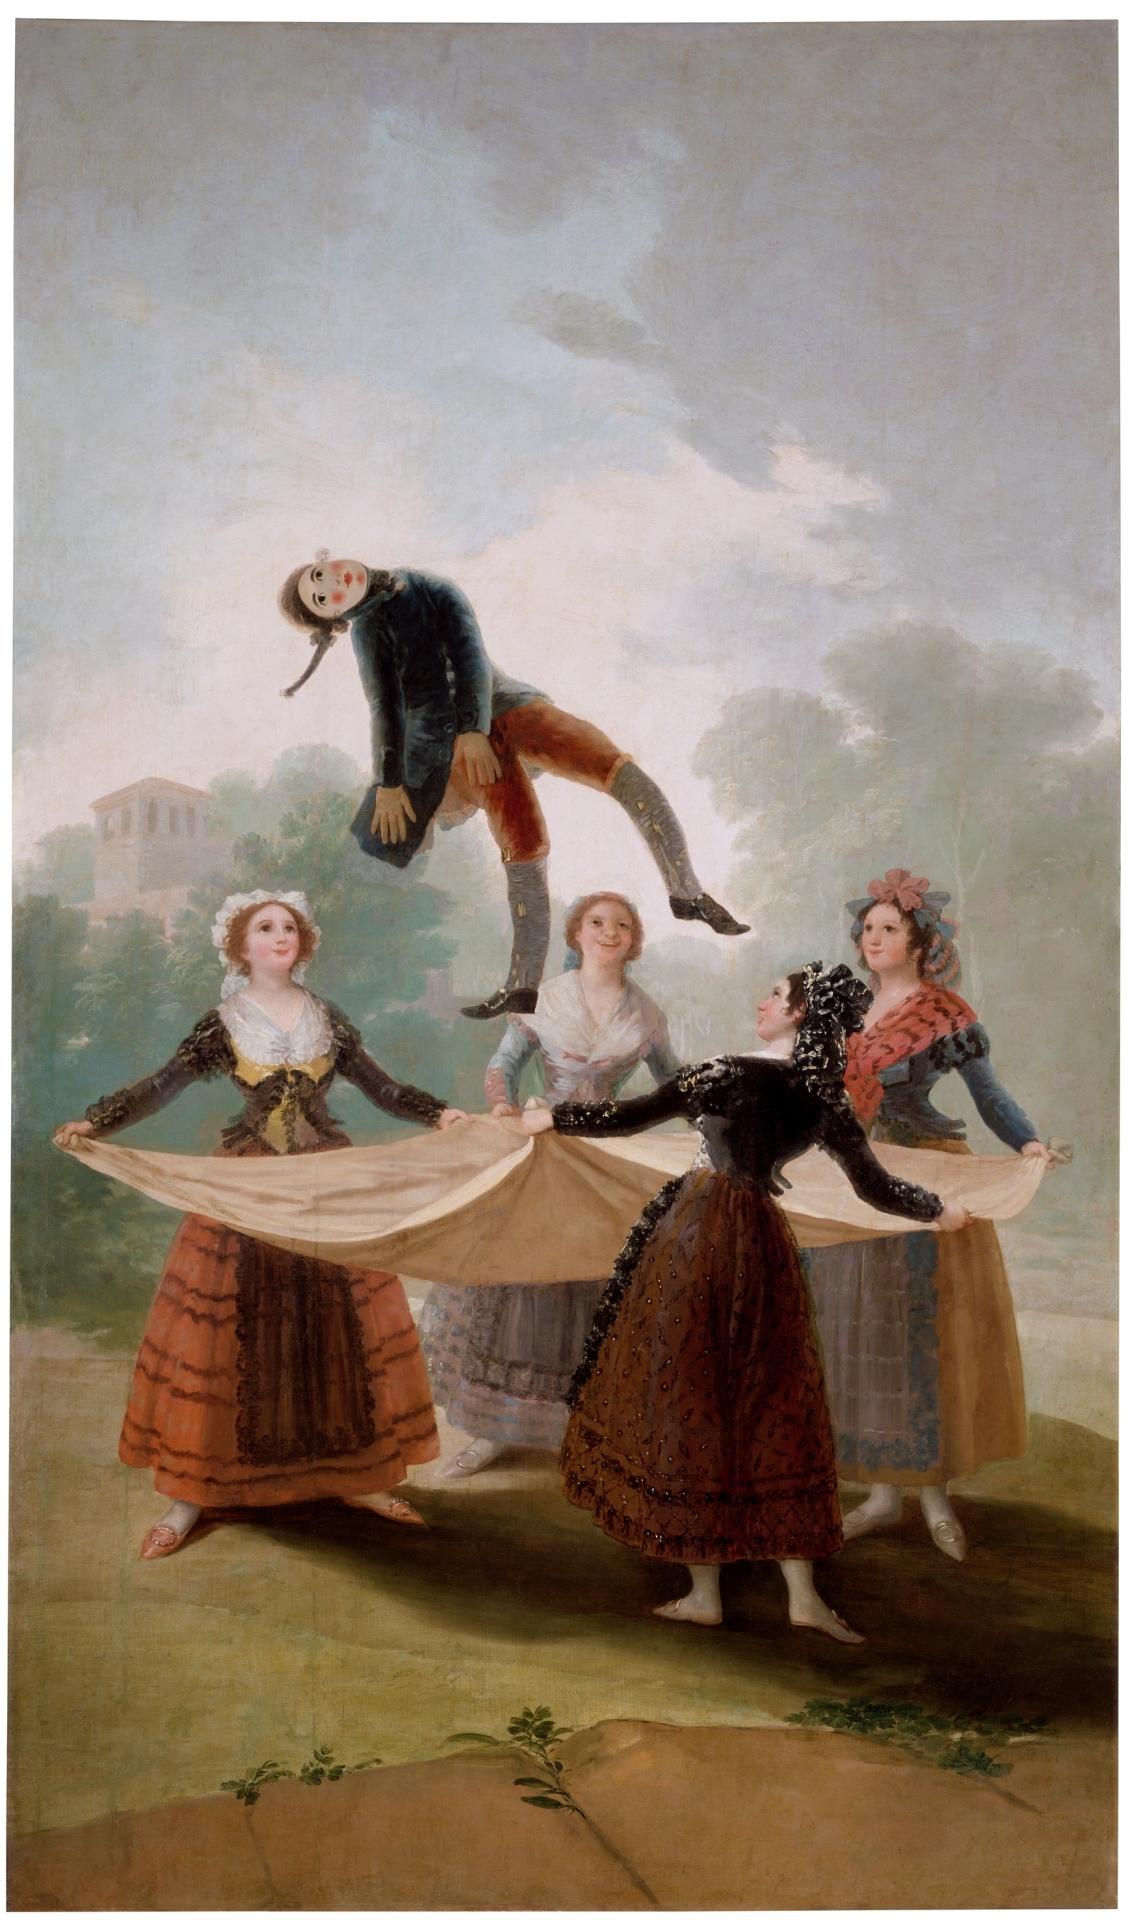 Franicisco Goya - The Straw Manikin